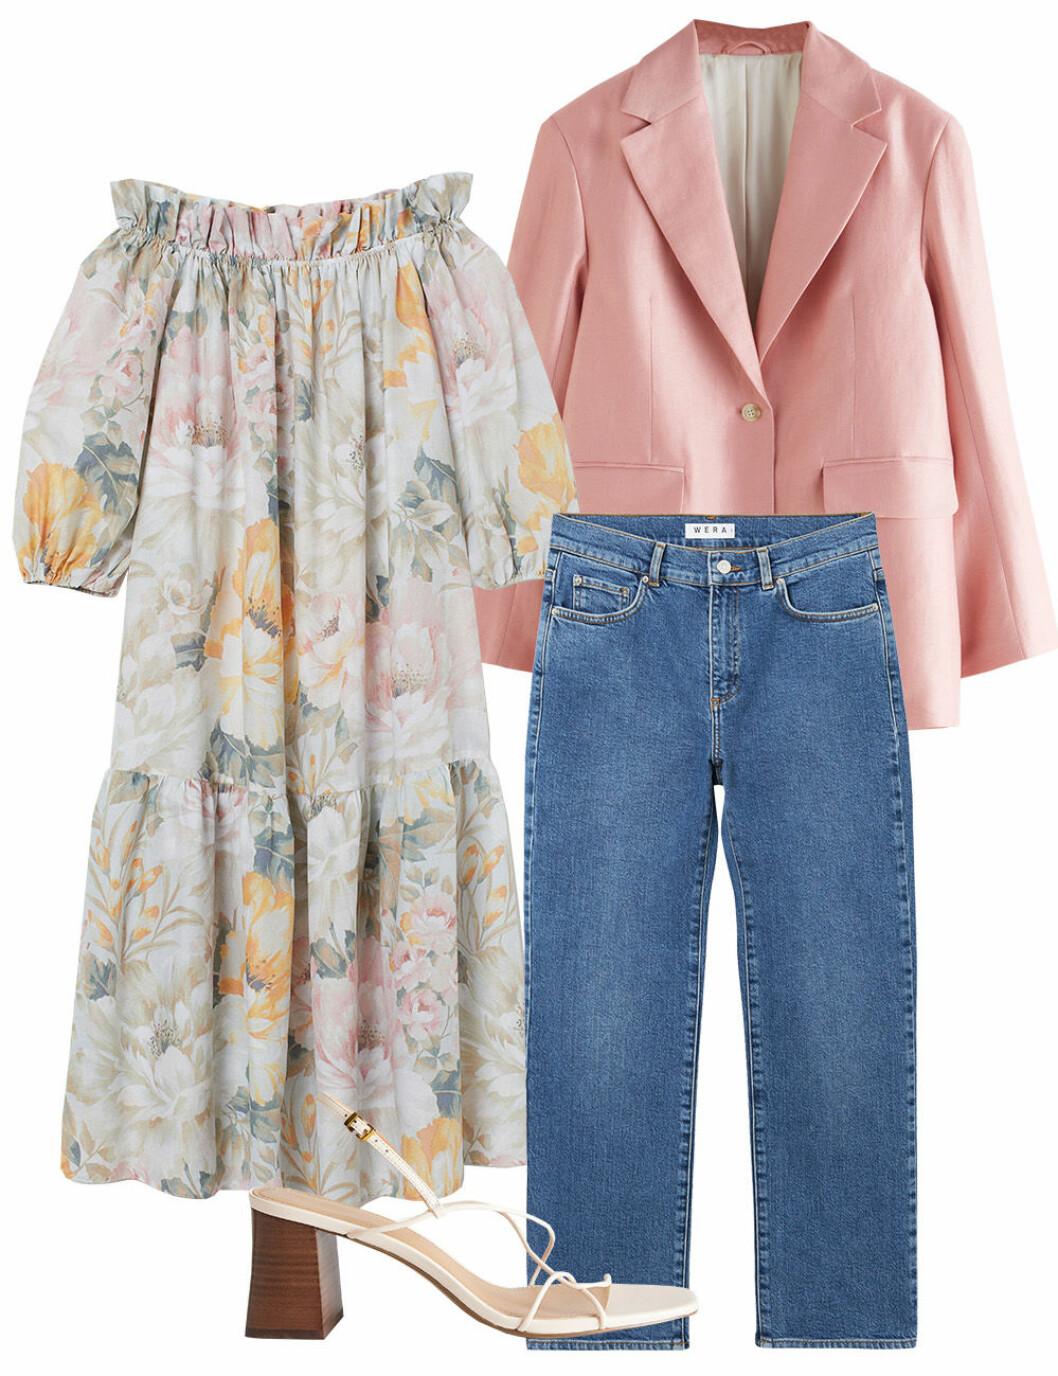 Midsommarkläder när det är kallt – klänning ochjeans